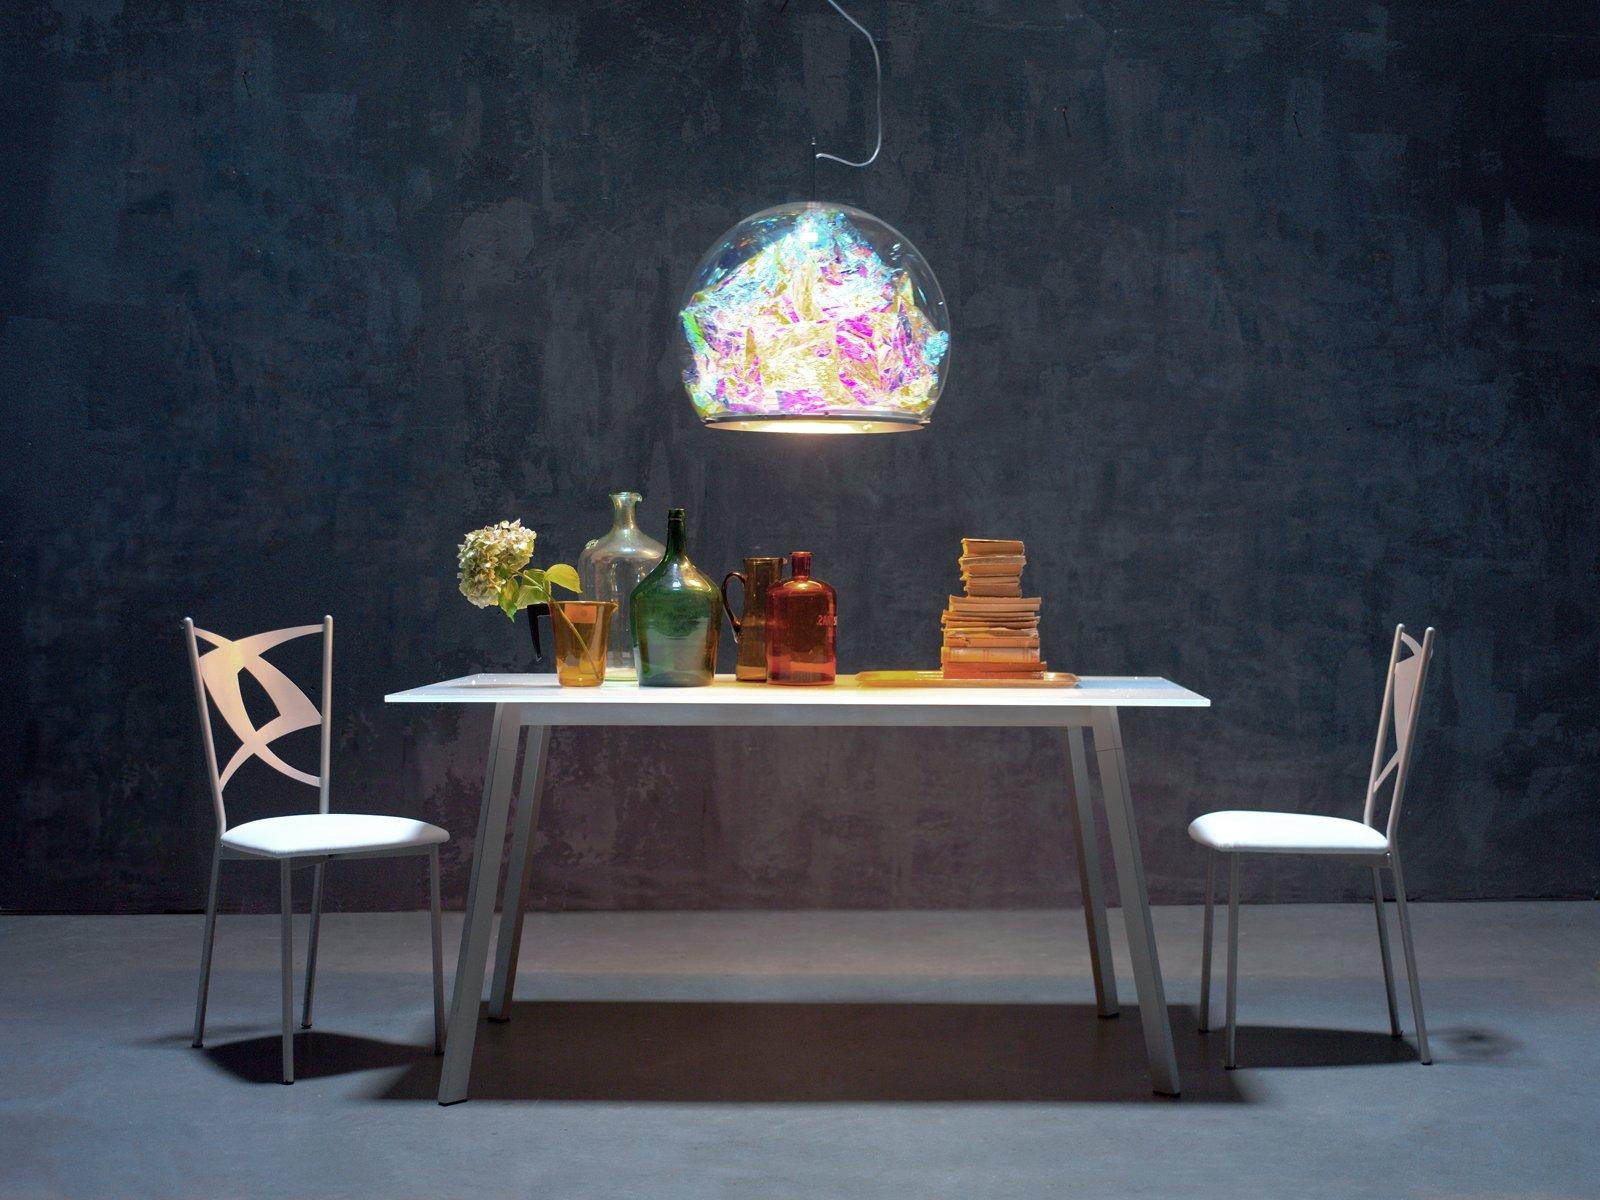 Come abbinare il tavolo e sedie in soggiorno for Tavolo sedie